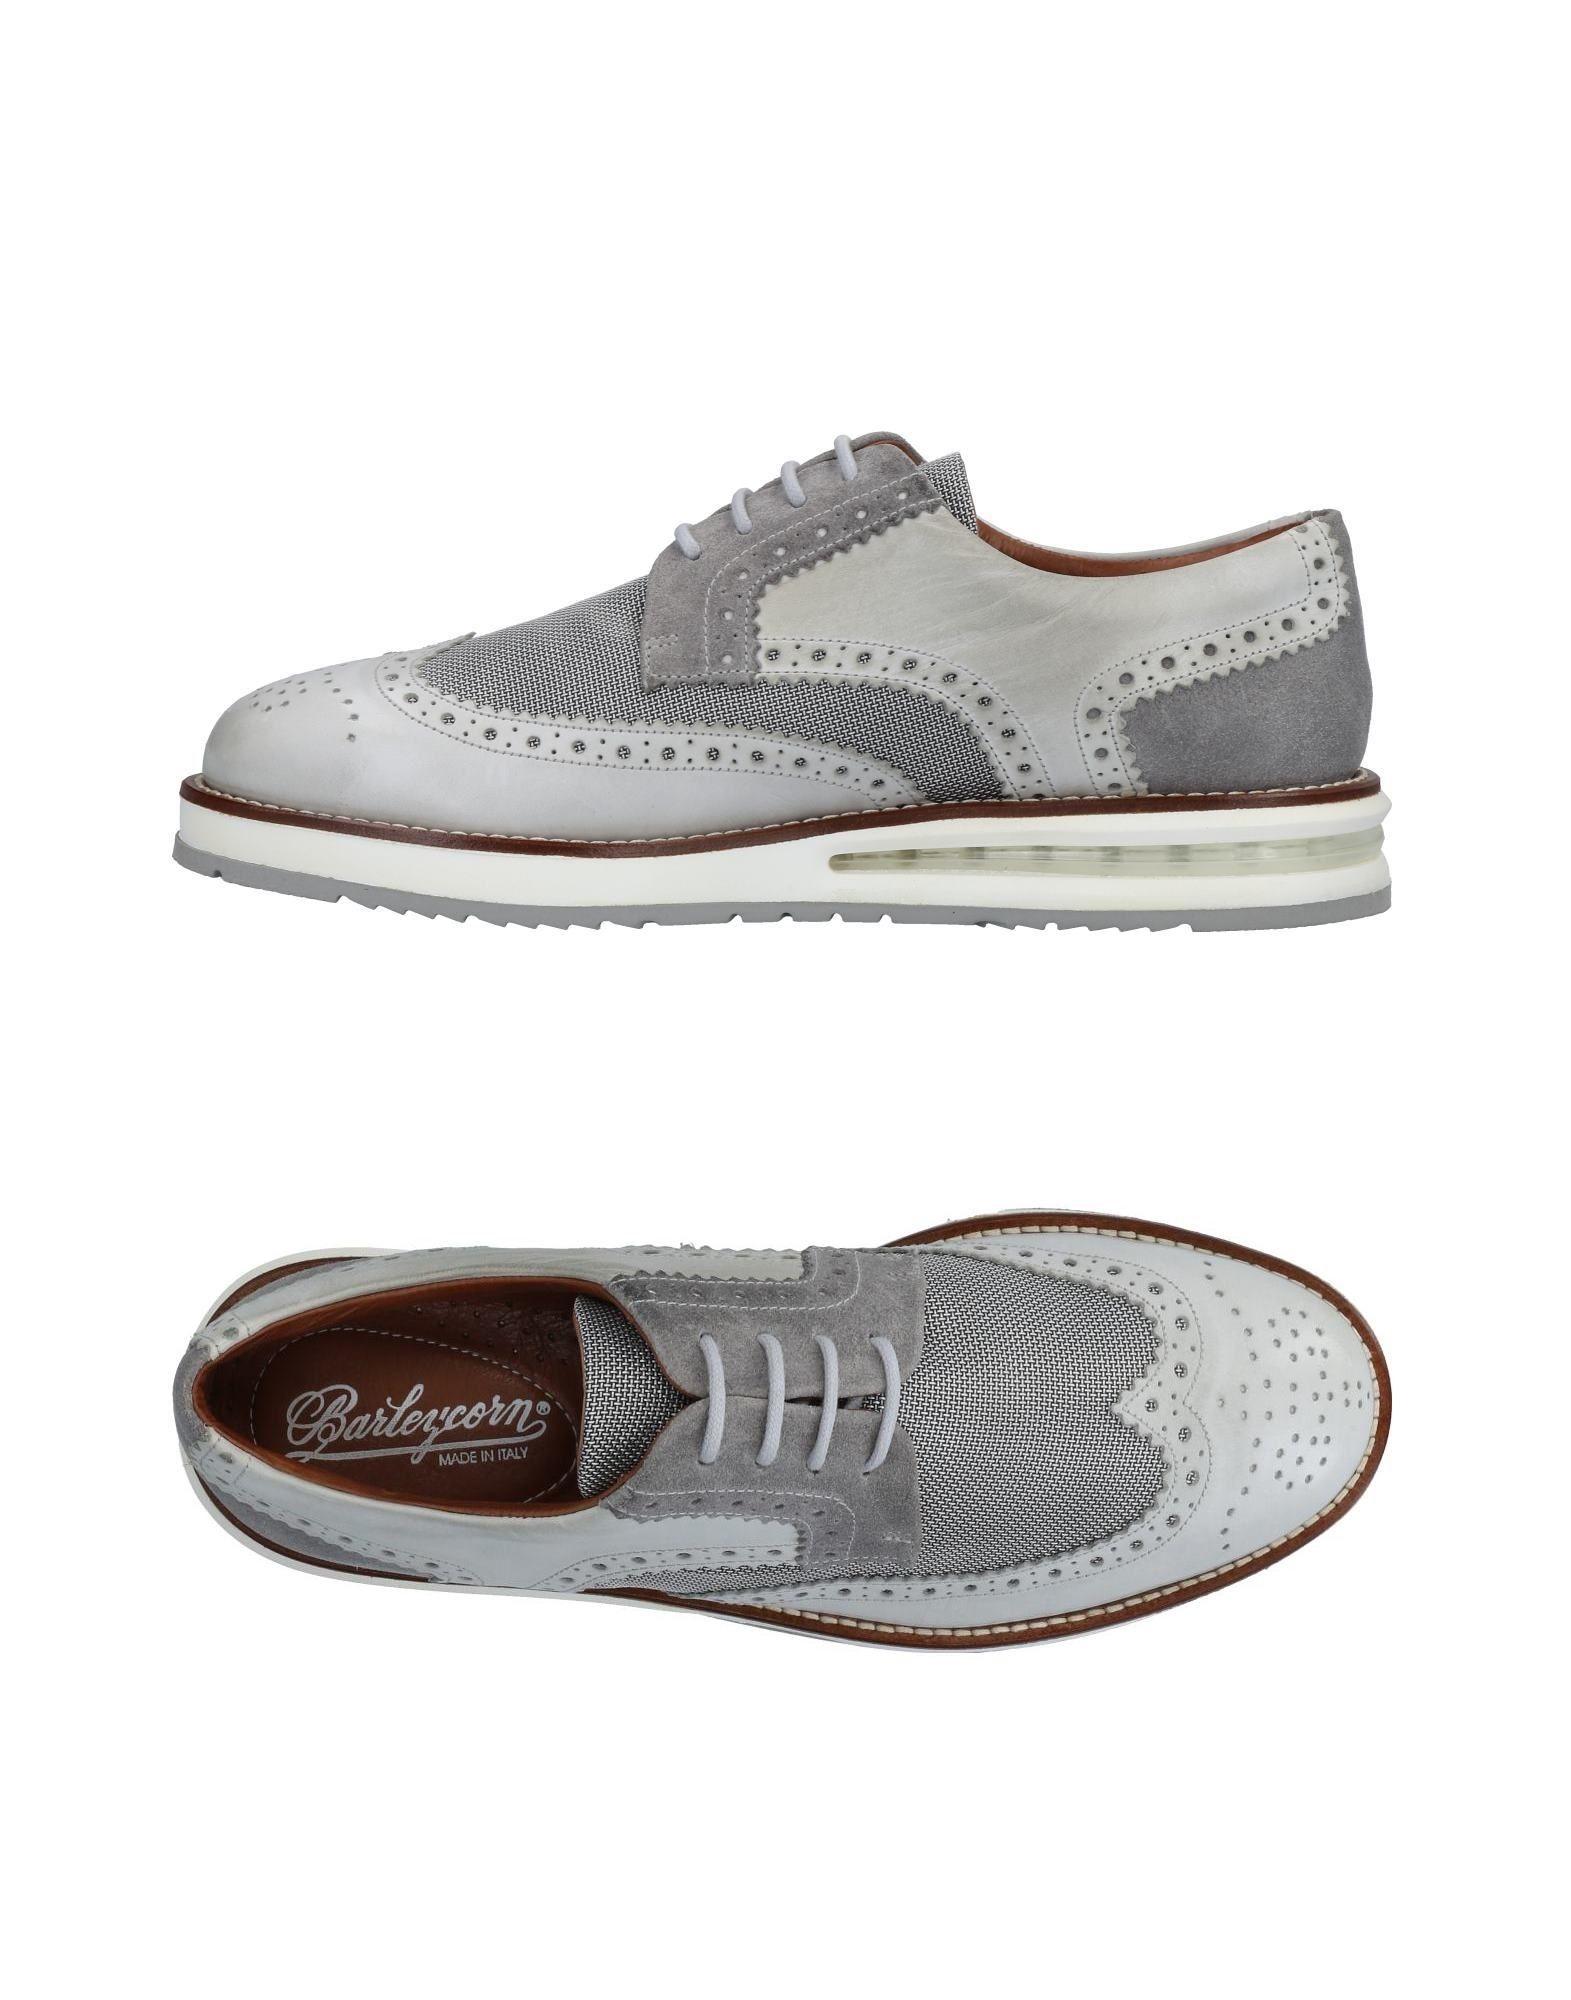 Rabatt echte Schnürschuhe Schuhe Barleycorn Schnürschuhe echte Herren  11479864SS 60992d